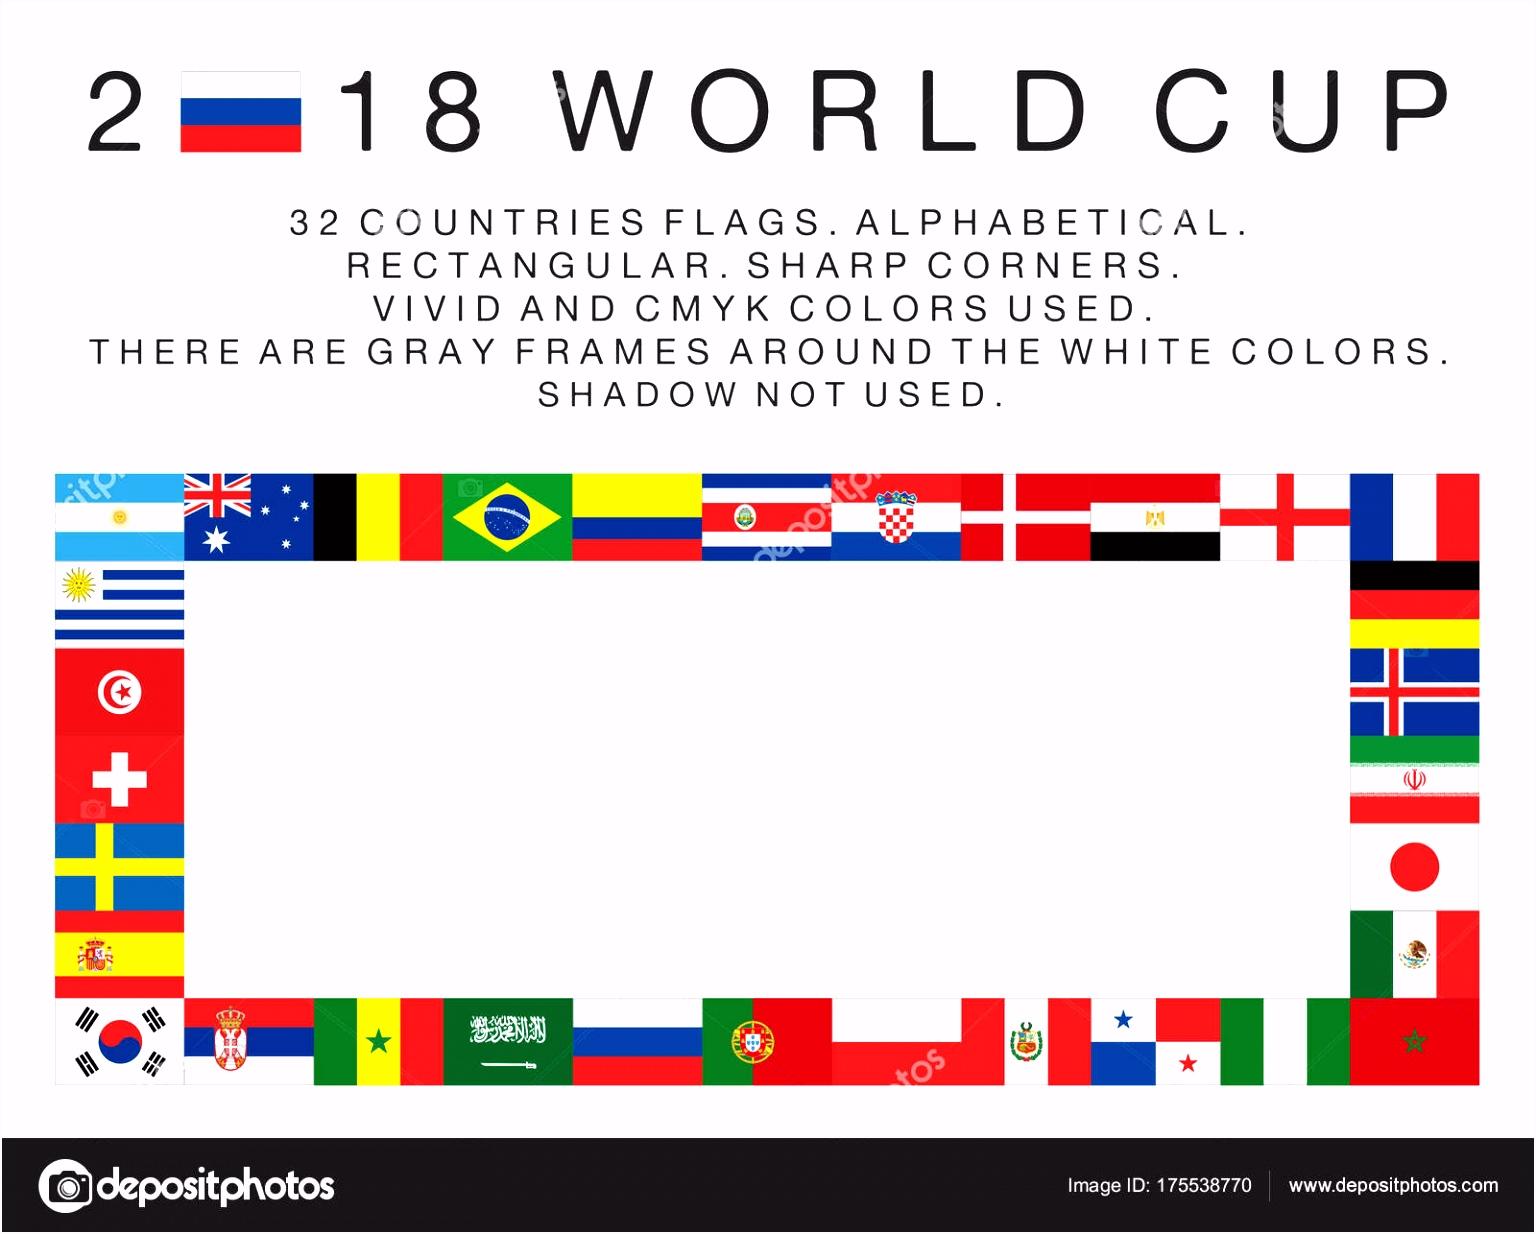 Rechthoekige vlaggen van 2018 WK landen — Stockvector © Emrah Avci